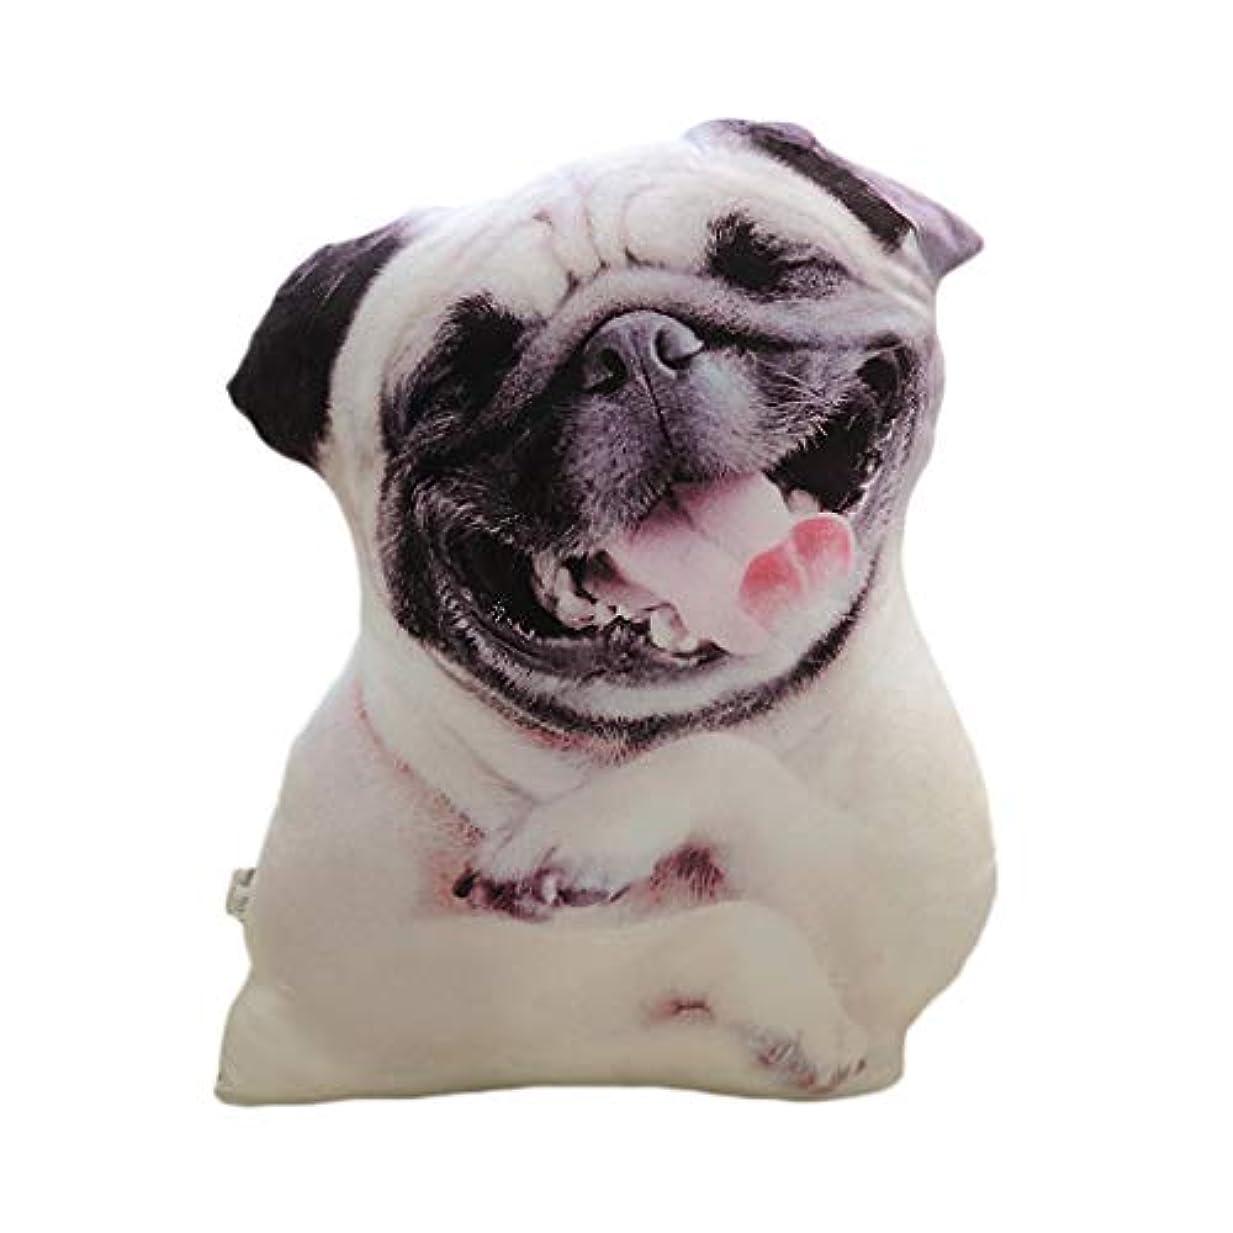 普通に野な乱れLIFE 装飾クッションソファおかしい 3D 犬印刷スロー枕創造クッションかわいいぬいぐるみギフト家の装飾 coussin decoratif クッション 椅子